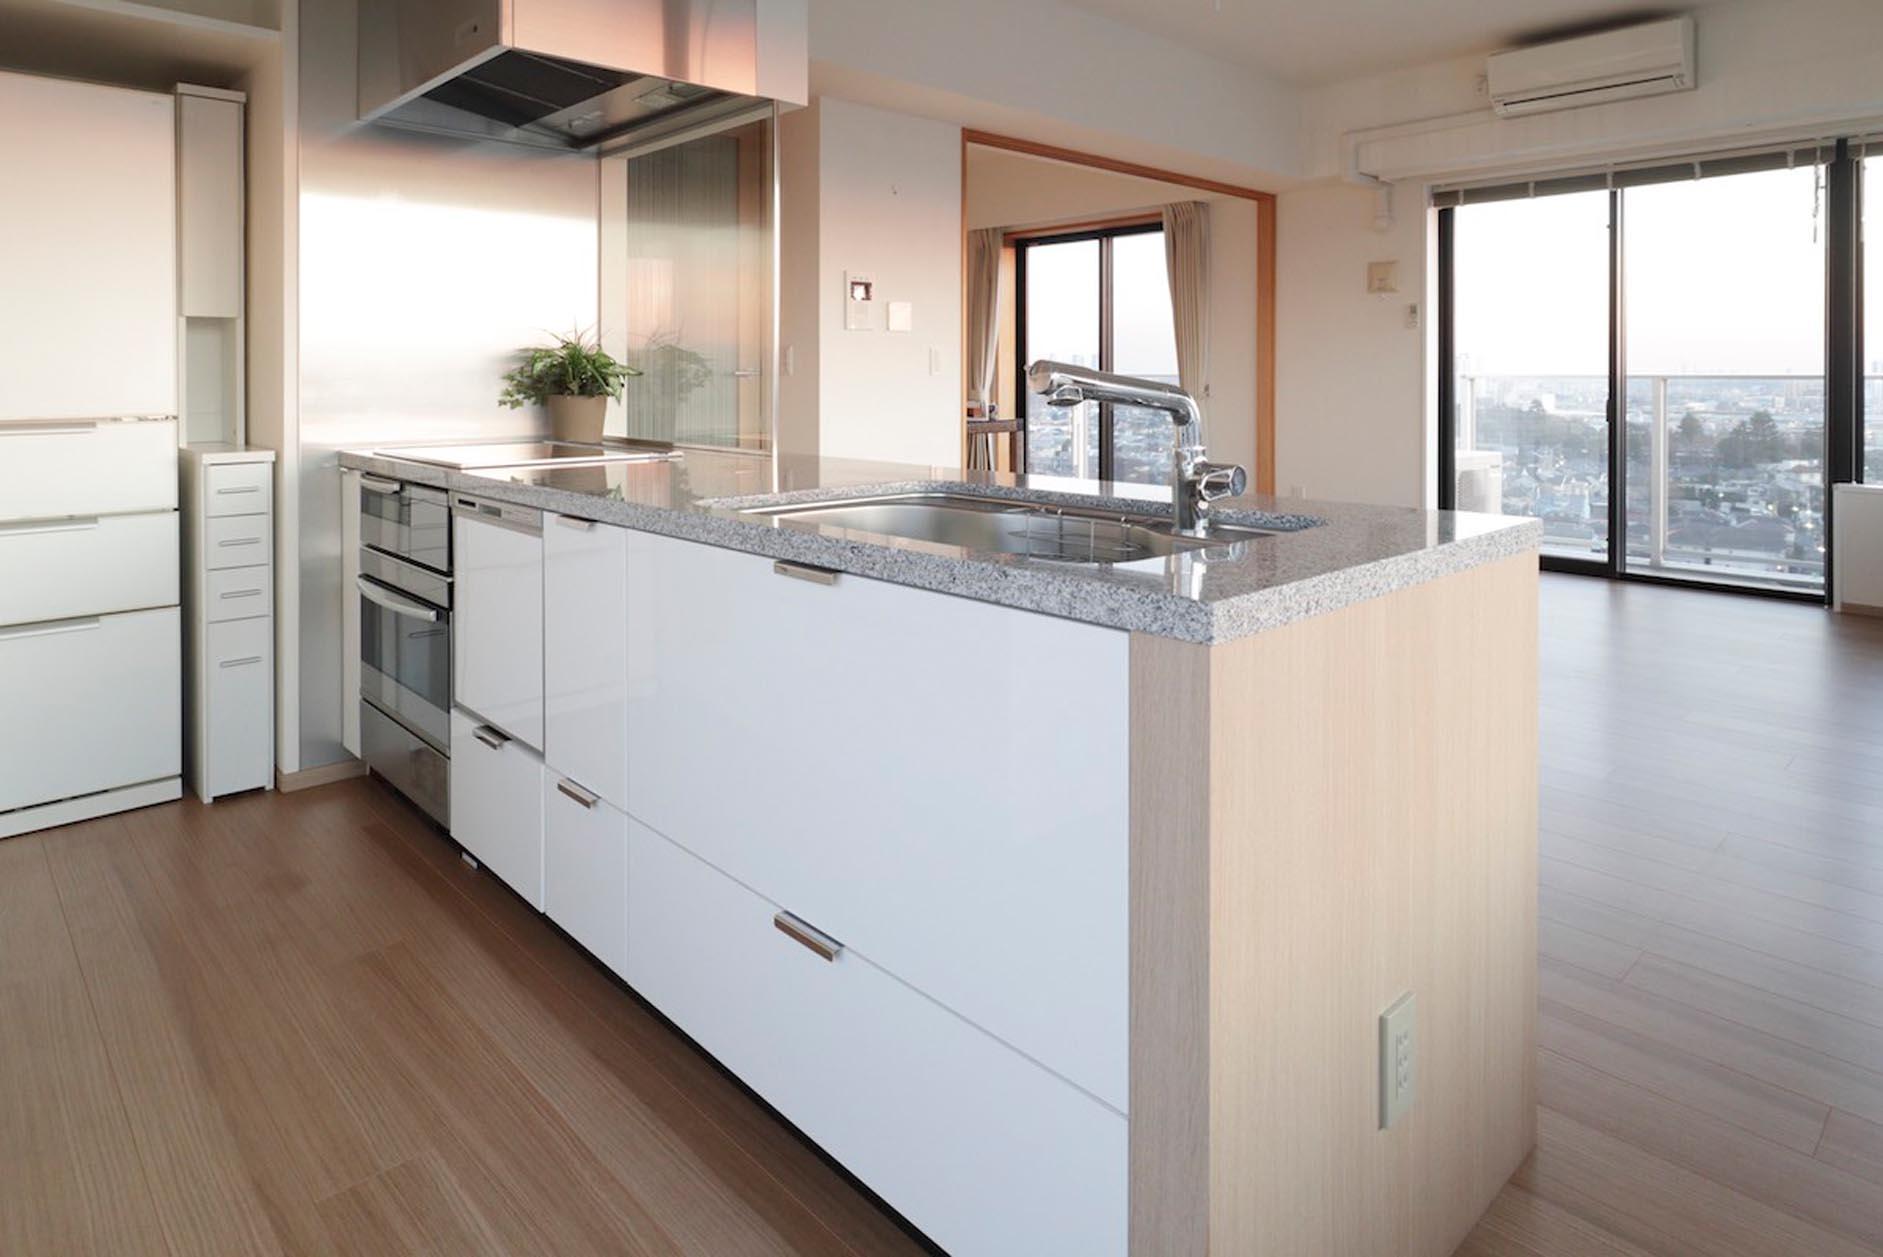 電子コンベック・食器洗乾燥機付き・IHコンロ・充実したキッチン設備 イメージ